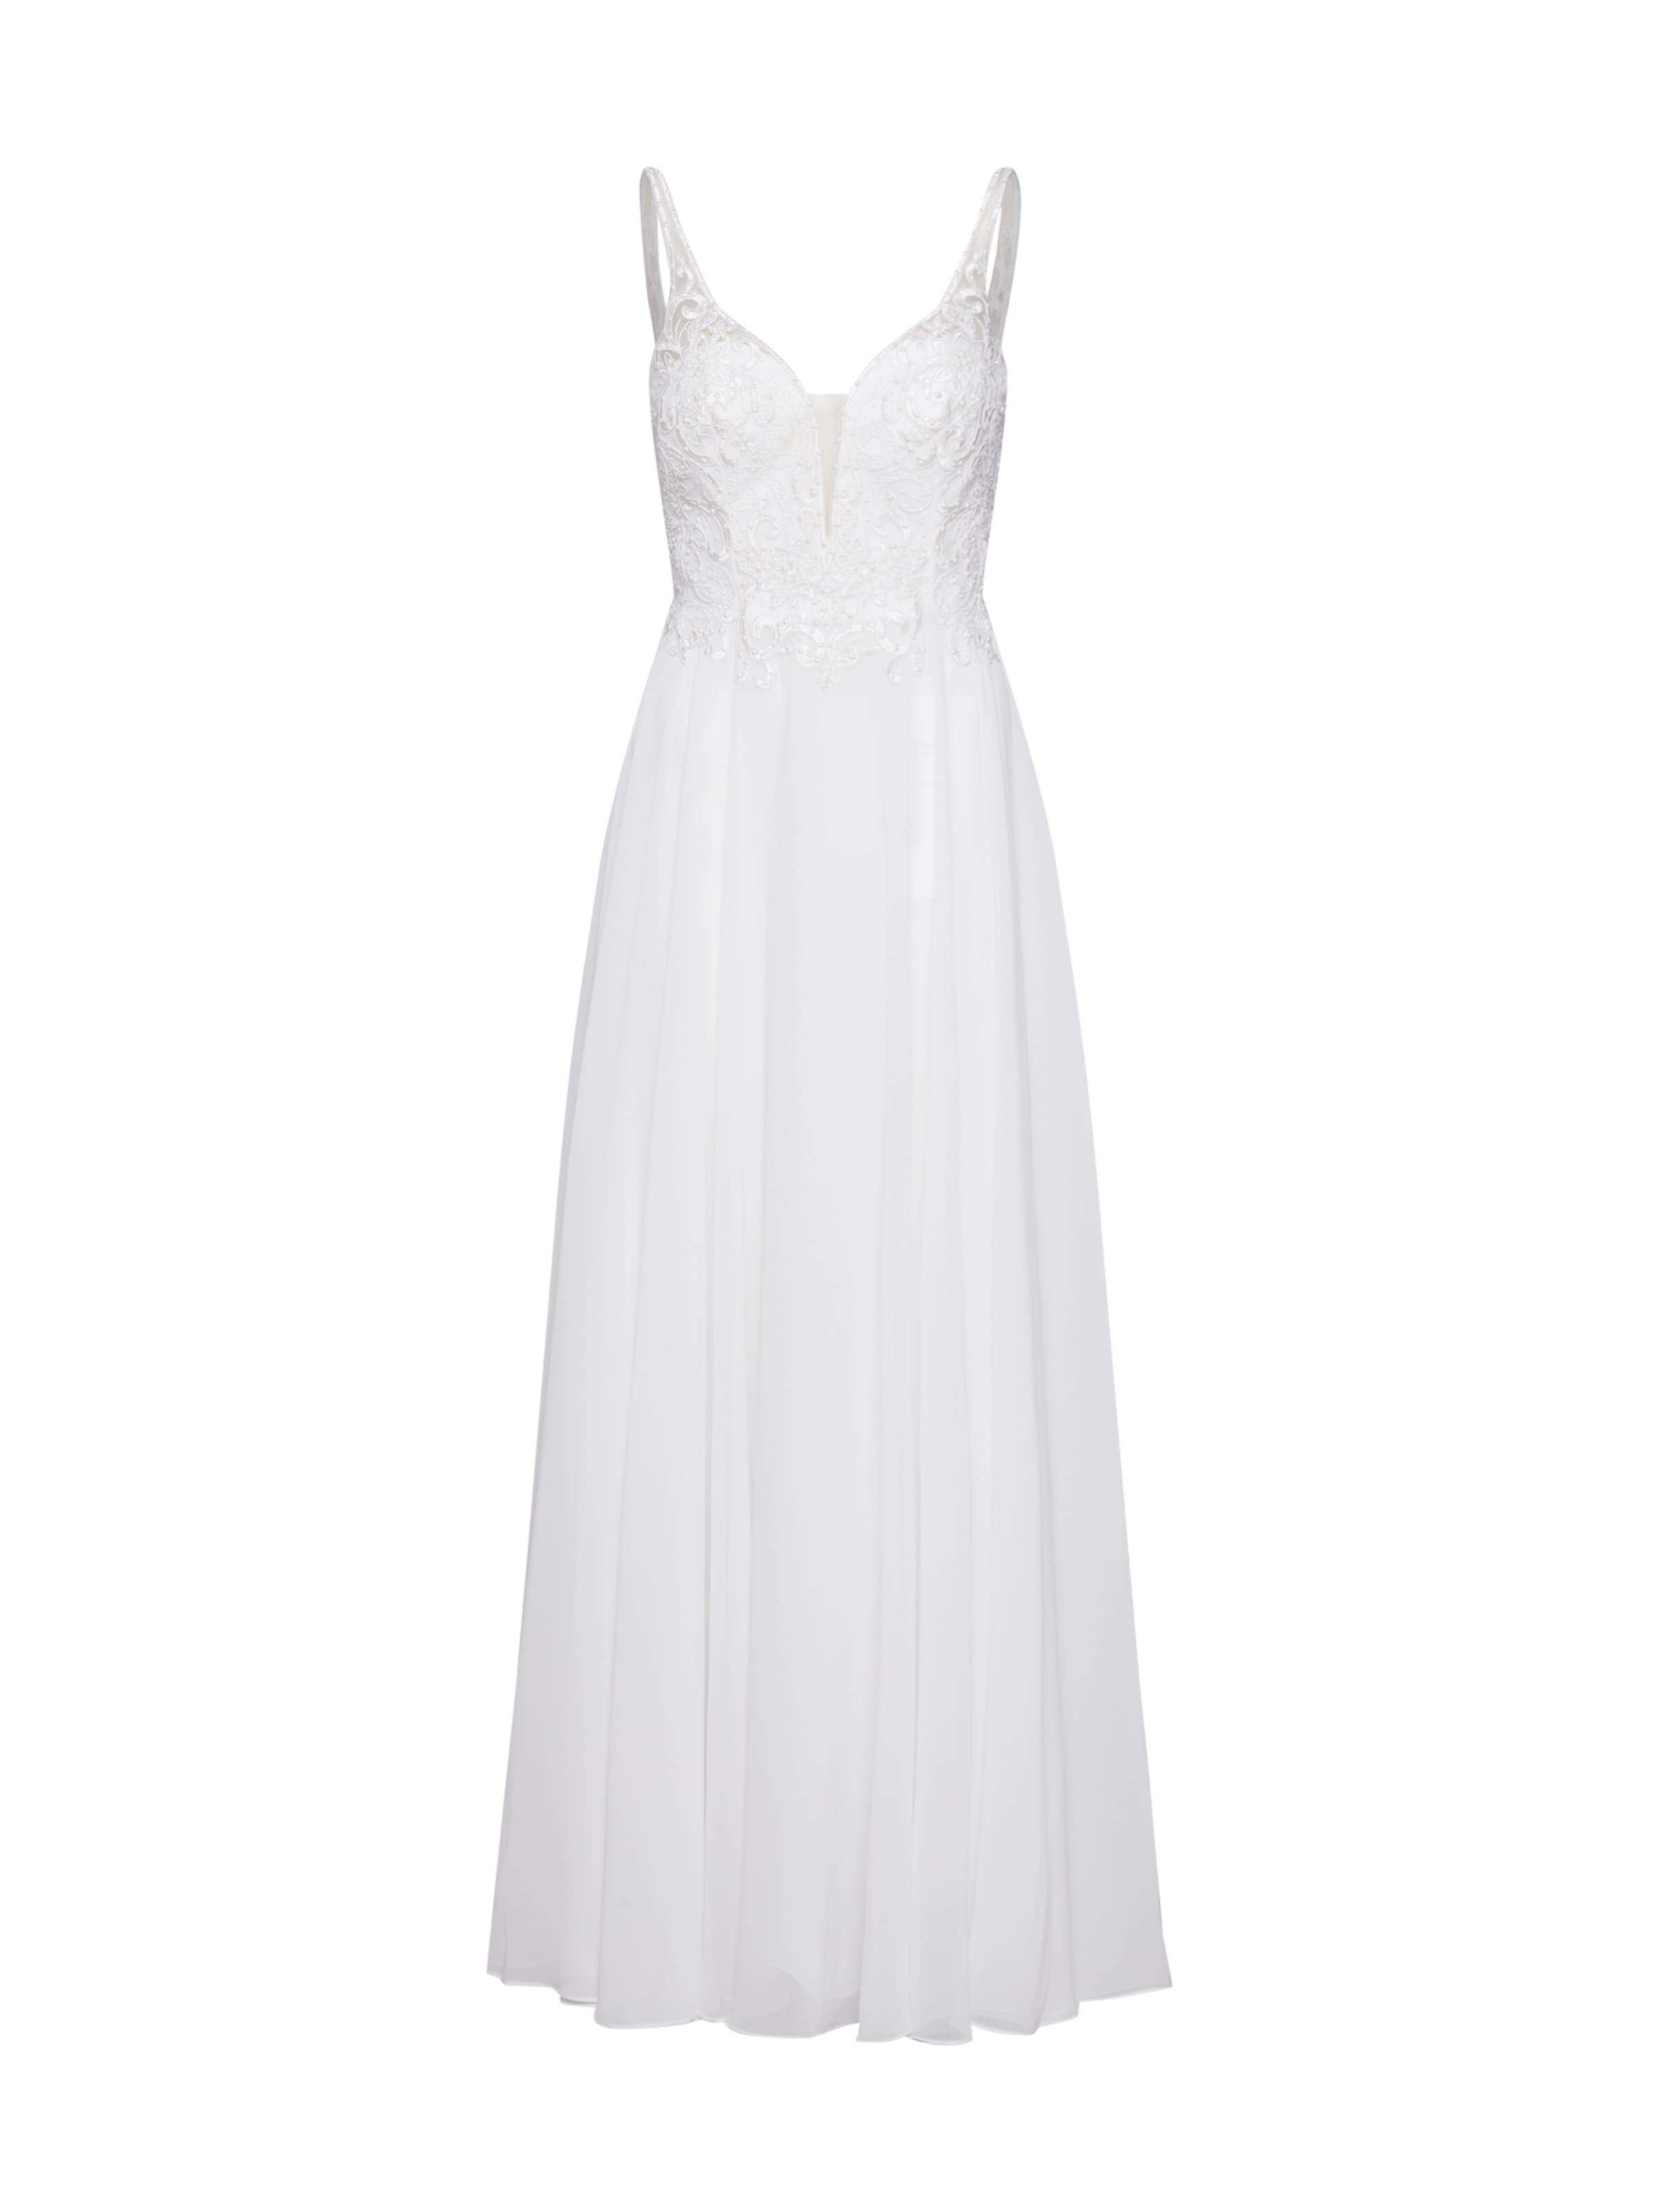 Robe De Mascara Soirée En Blanc 'mc181487' nwOmN80v